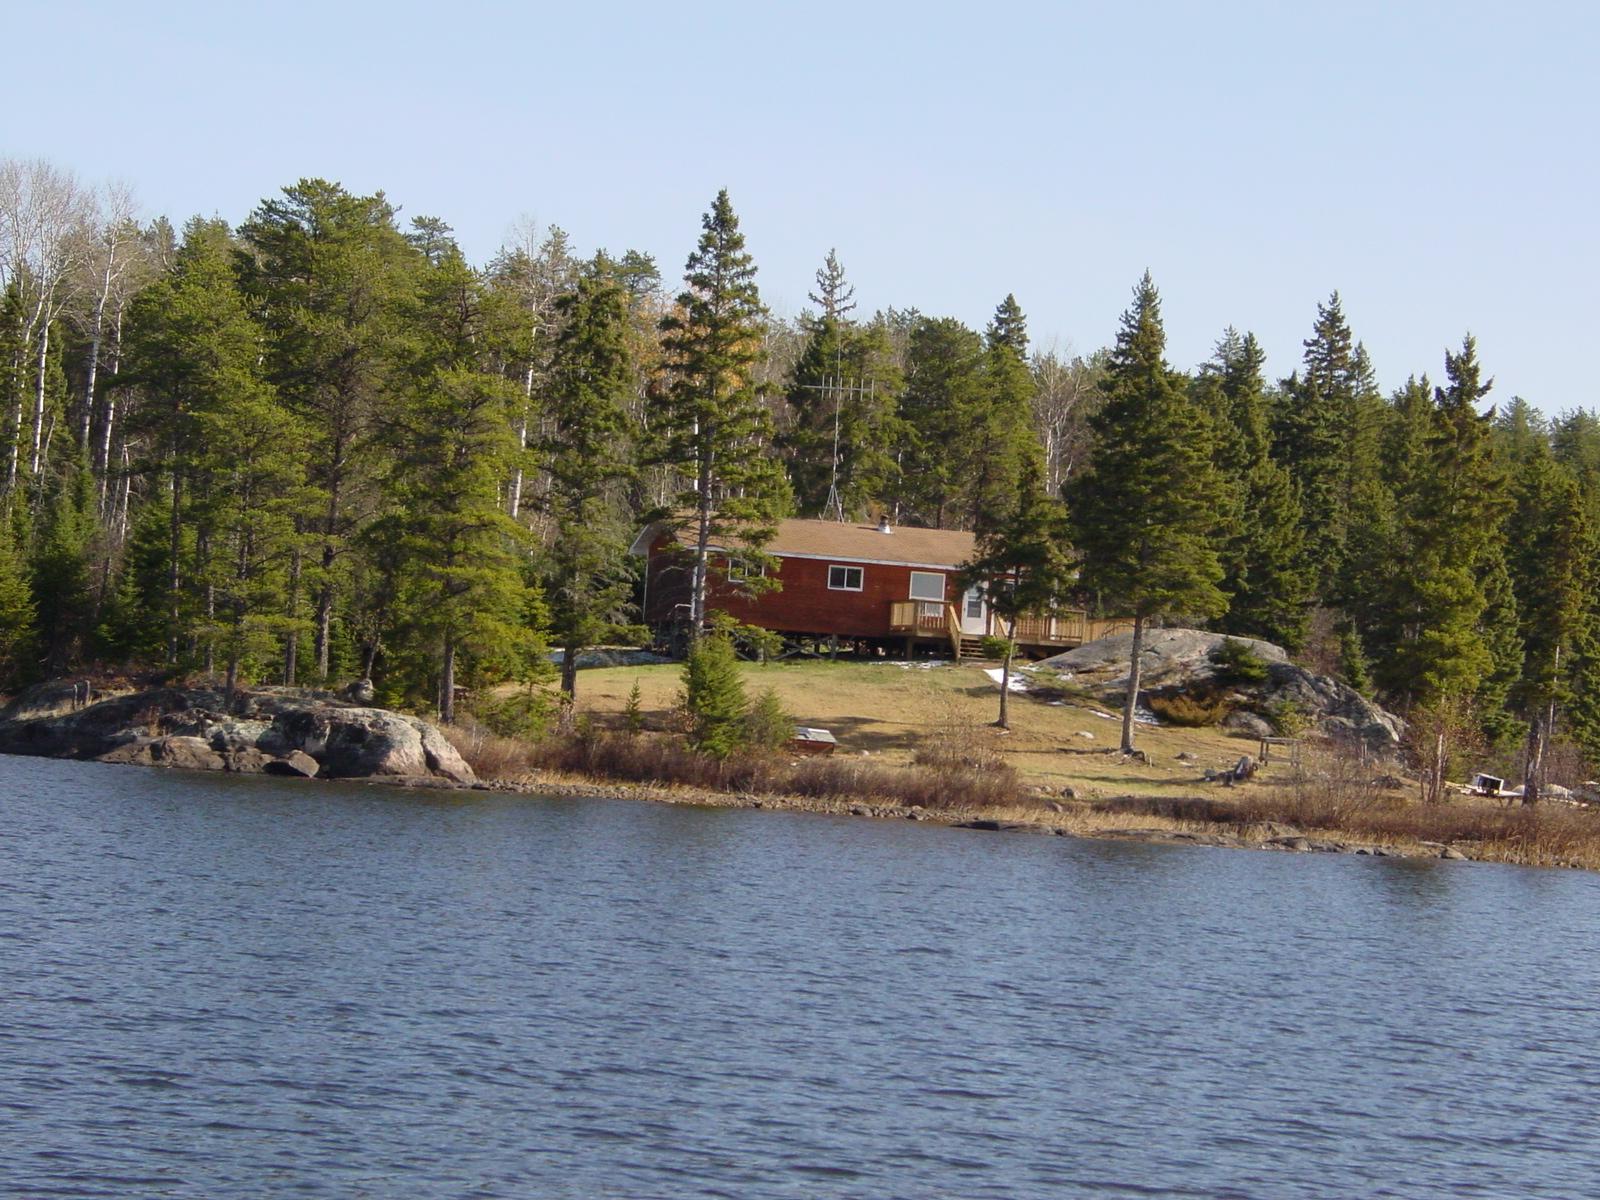 Ontario smallmouth bass fishing at brown bear lake outpost for Fish lake cabin